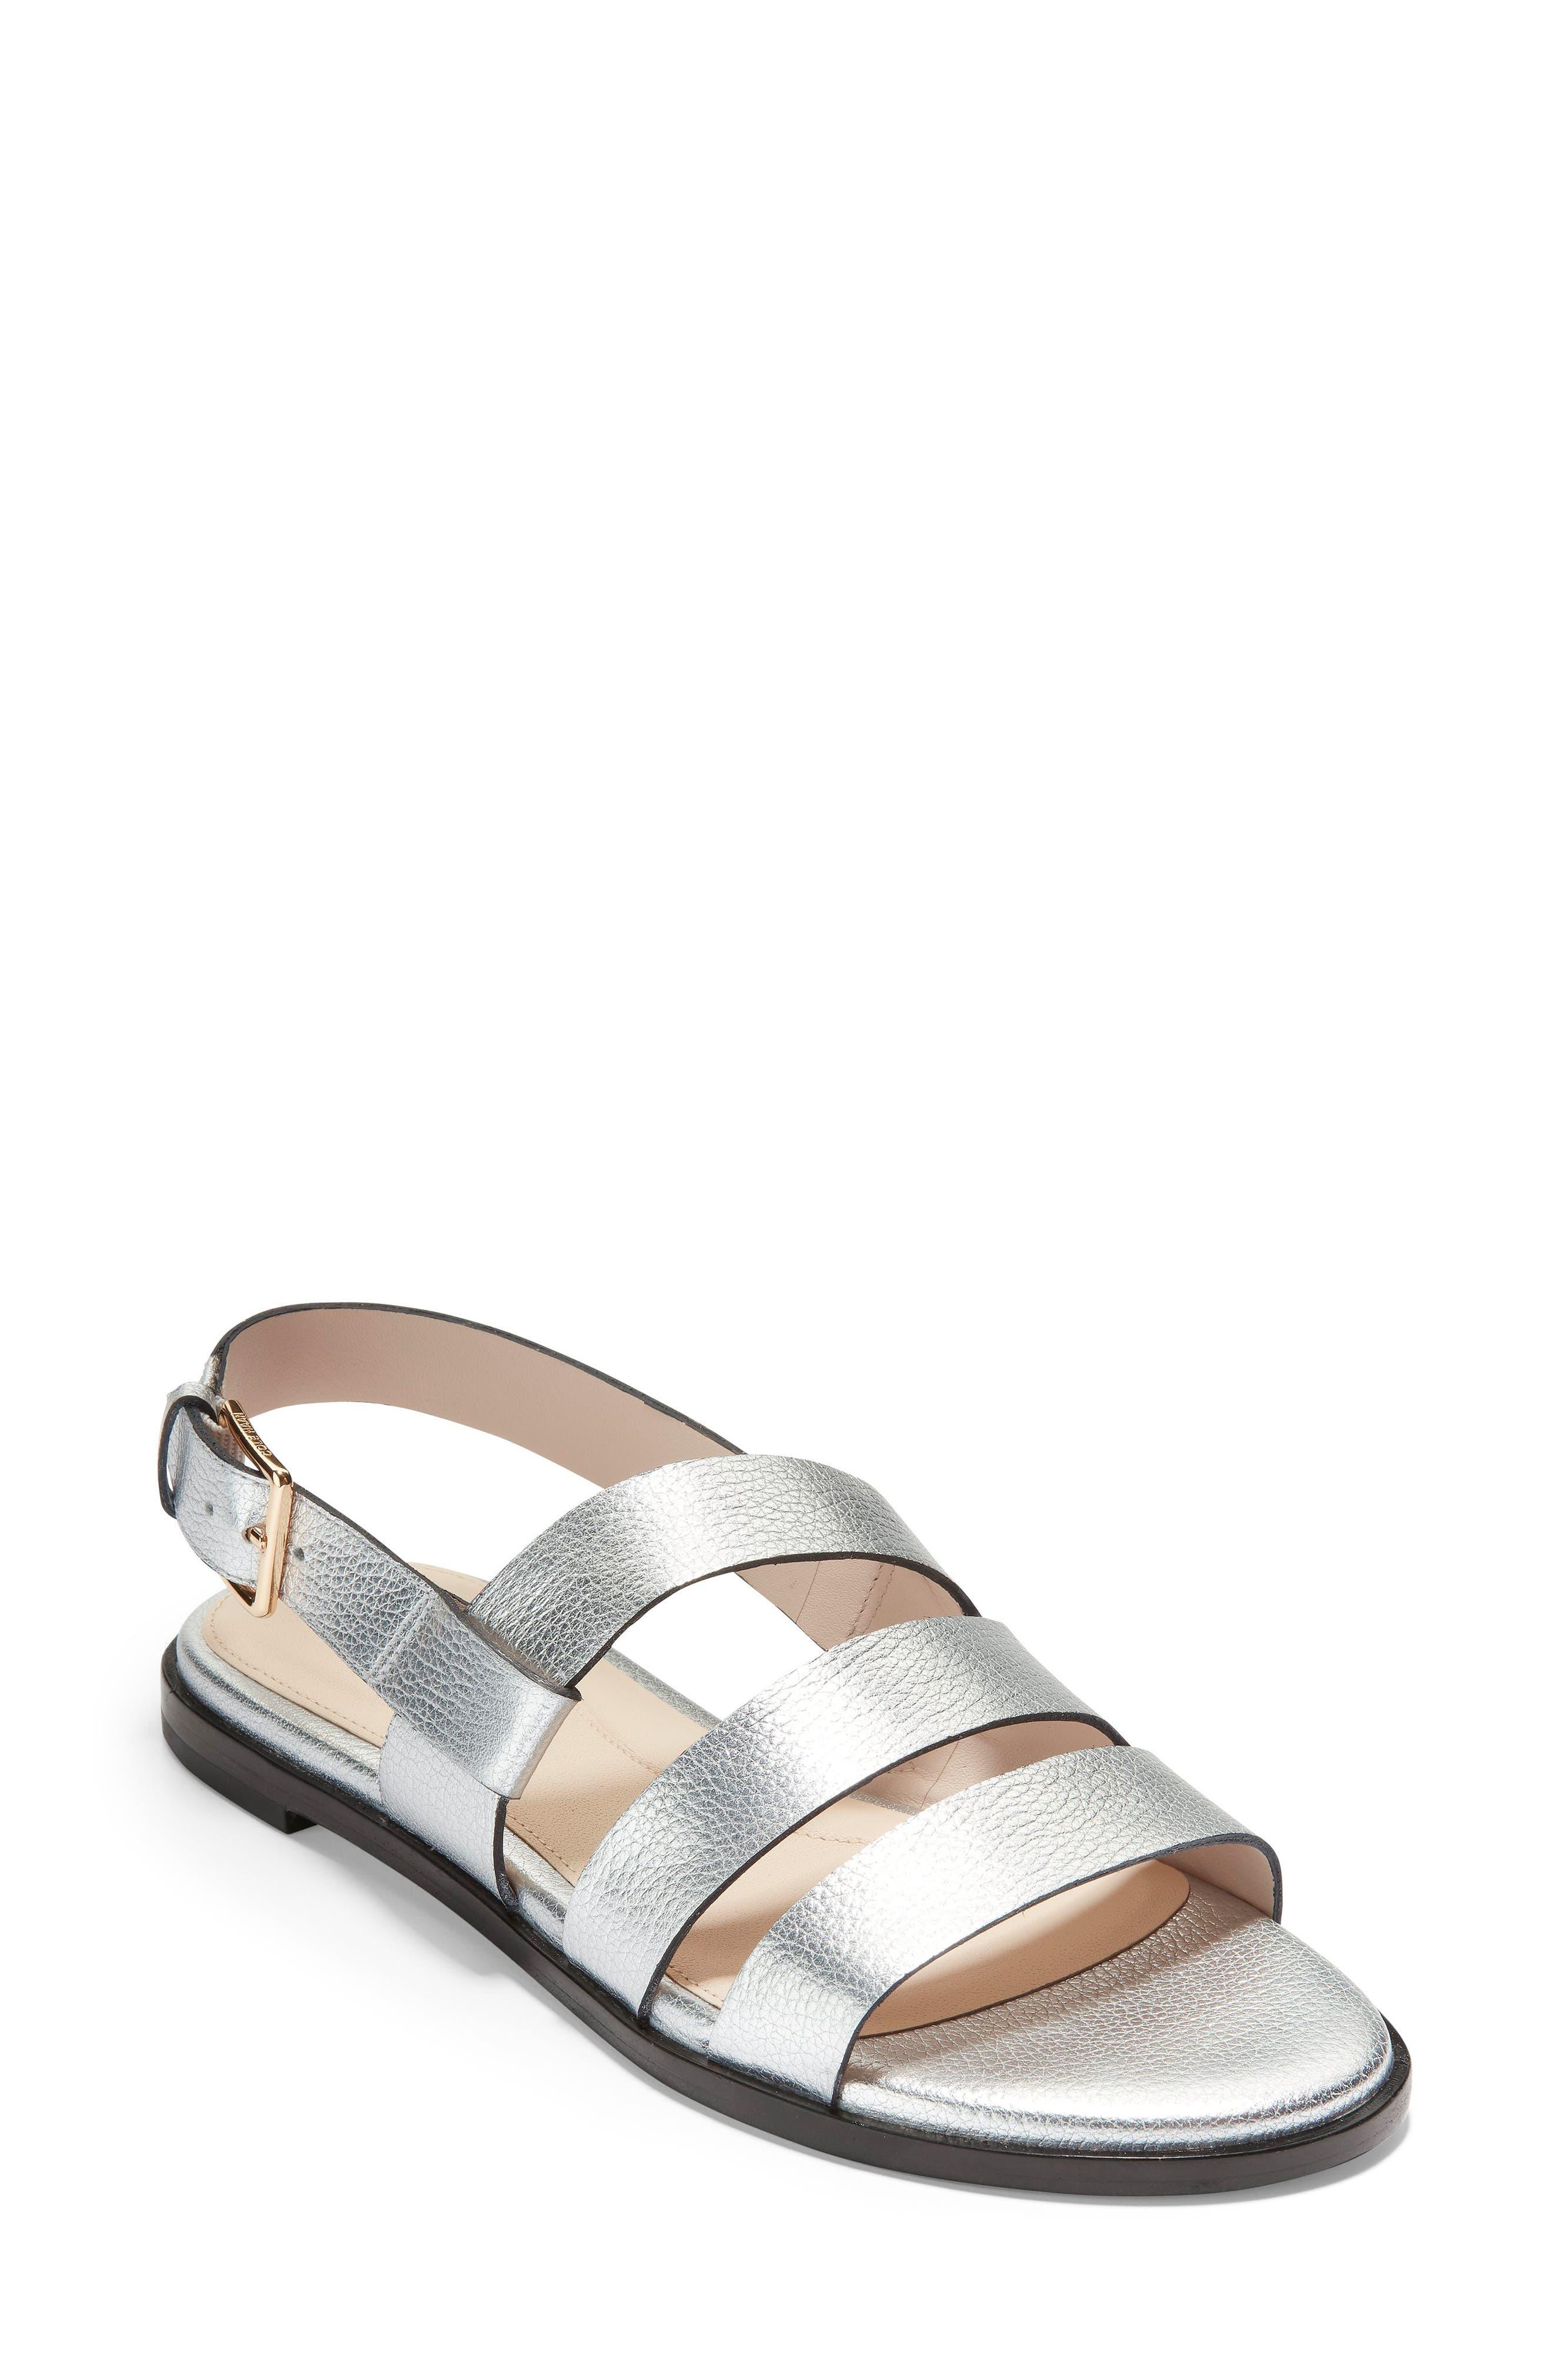 Cole Haan Anela Sandal, Metallic